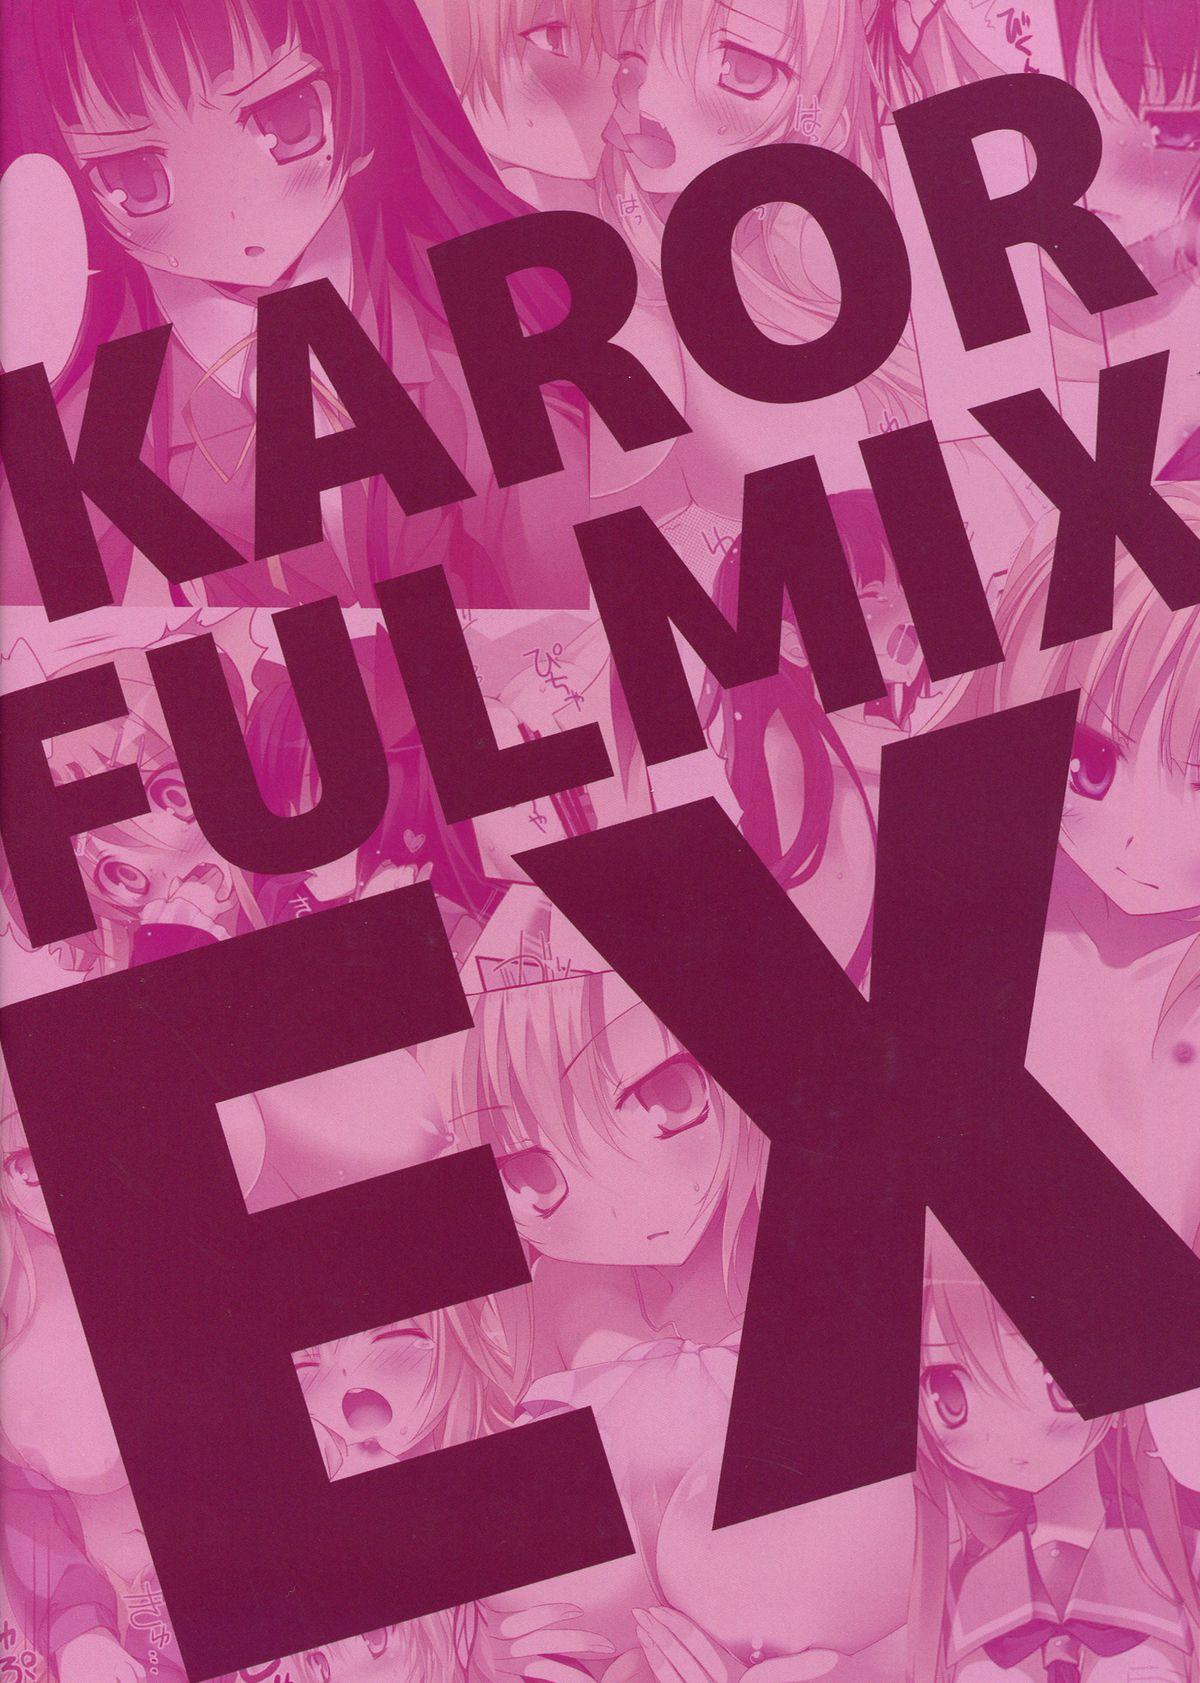 KARORFUL MIX EX Soushuuhen 1